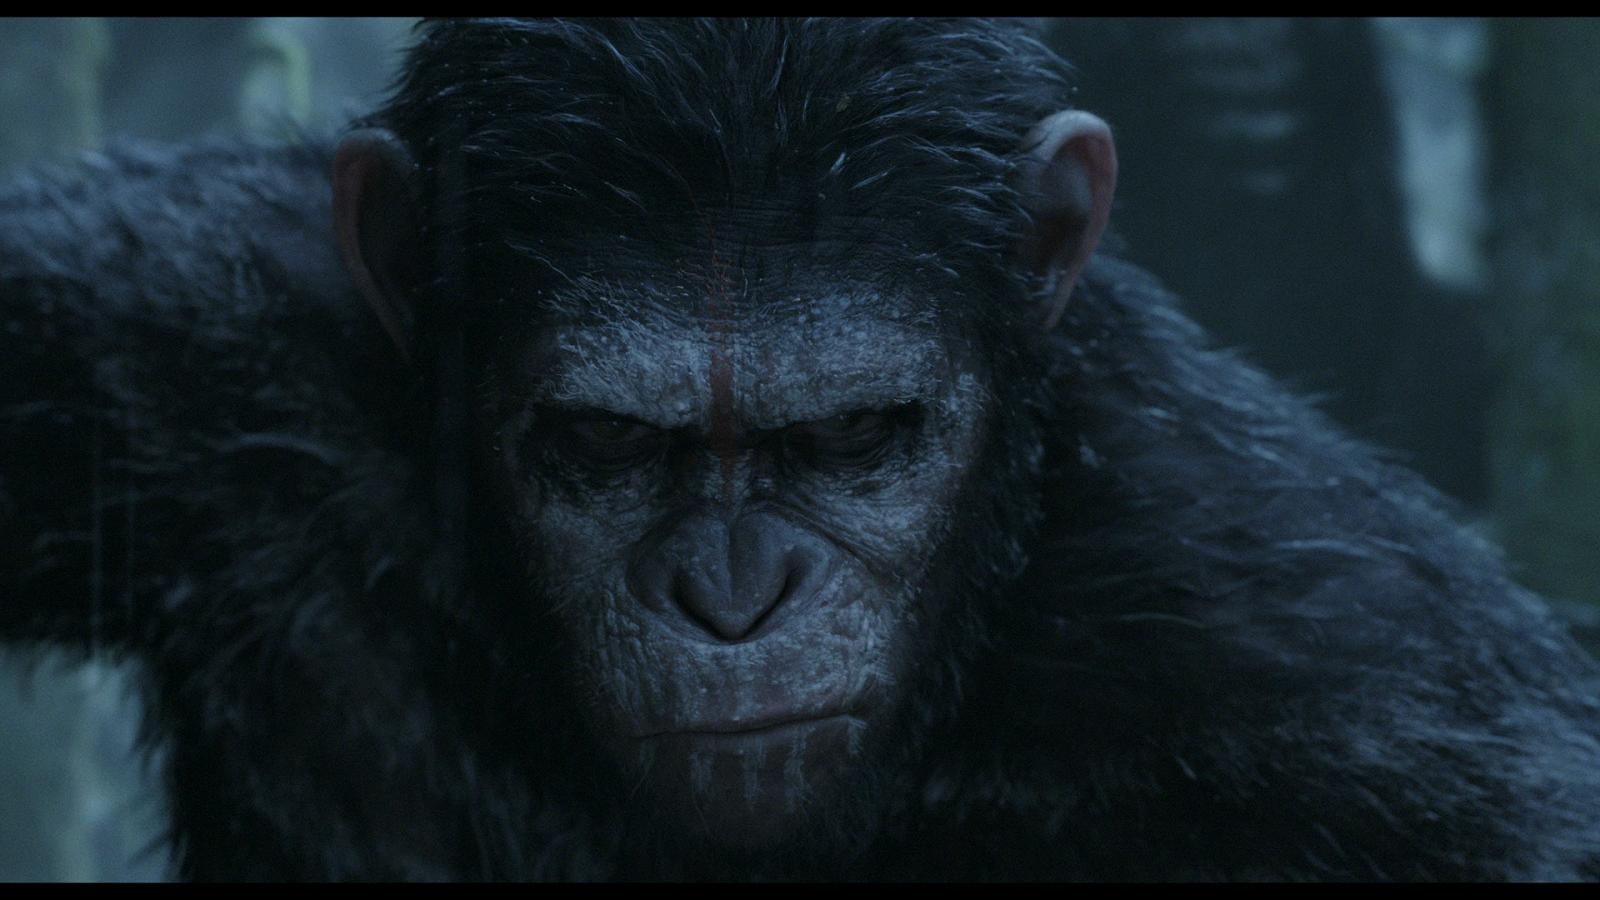 El Planeta De Los Simios Confrontación (2014) 1080p 2D y 3D BD25 6